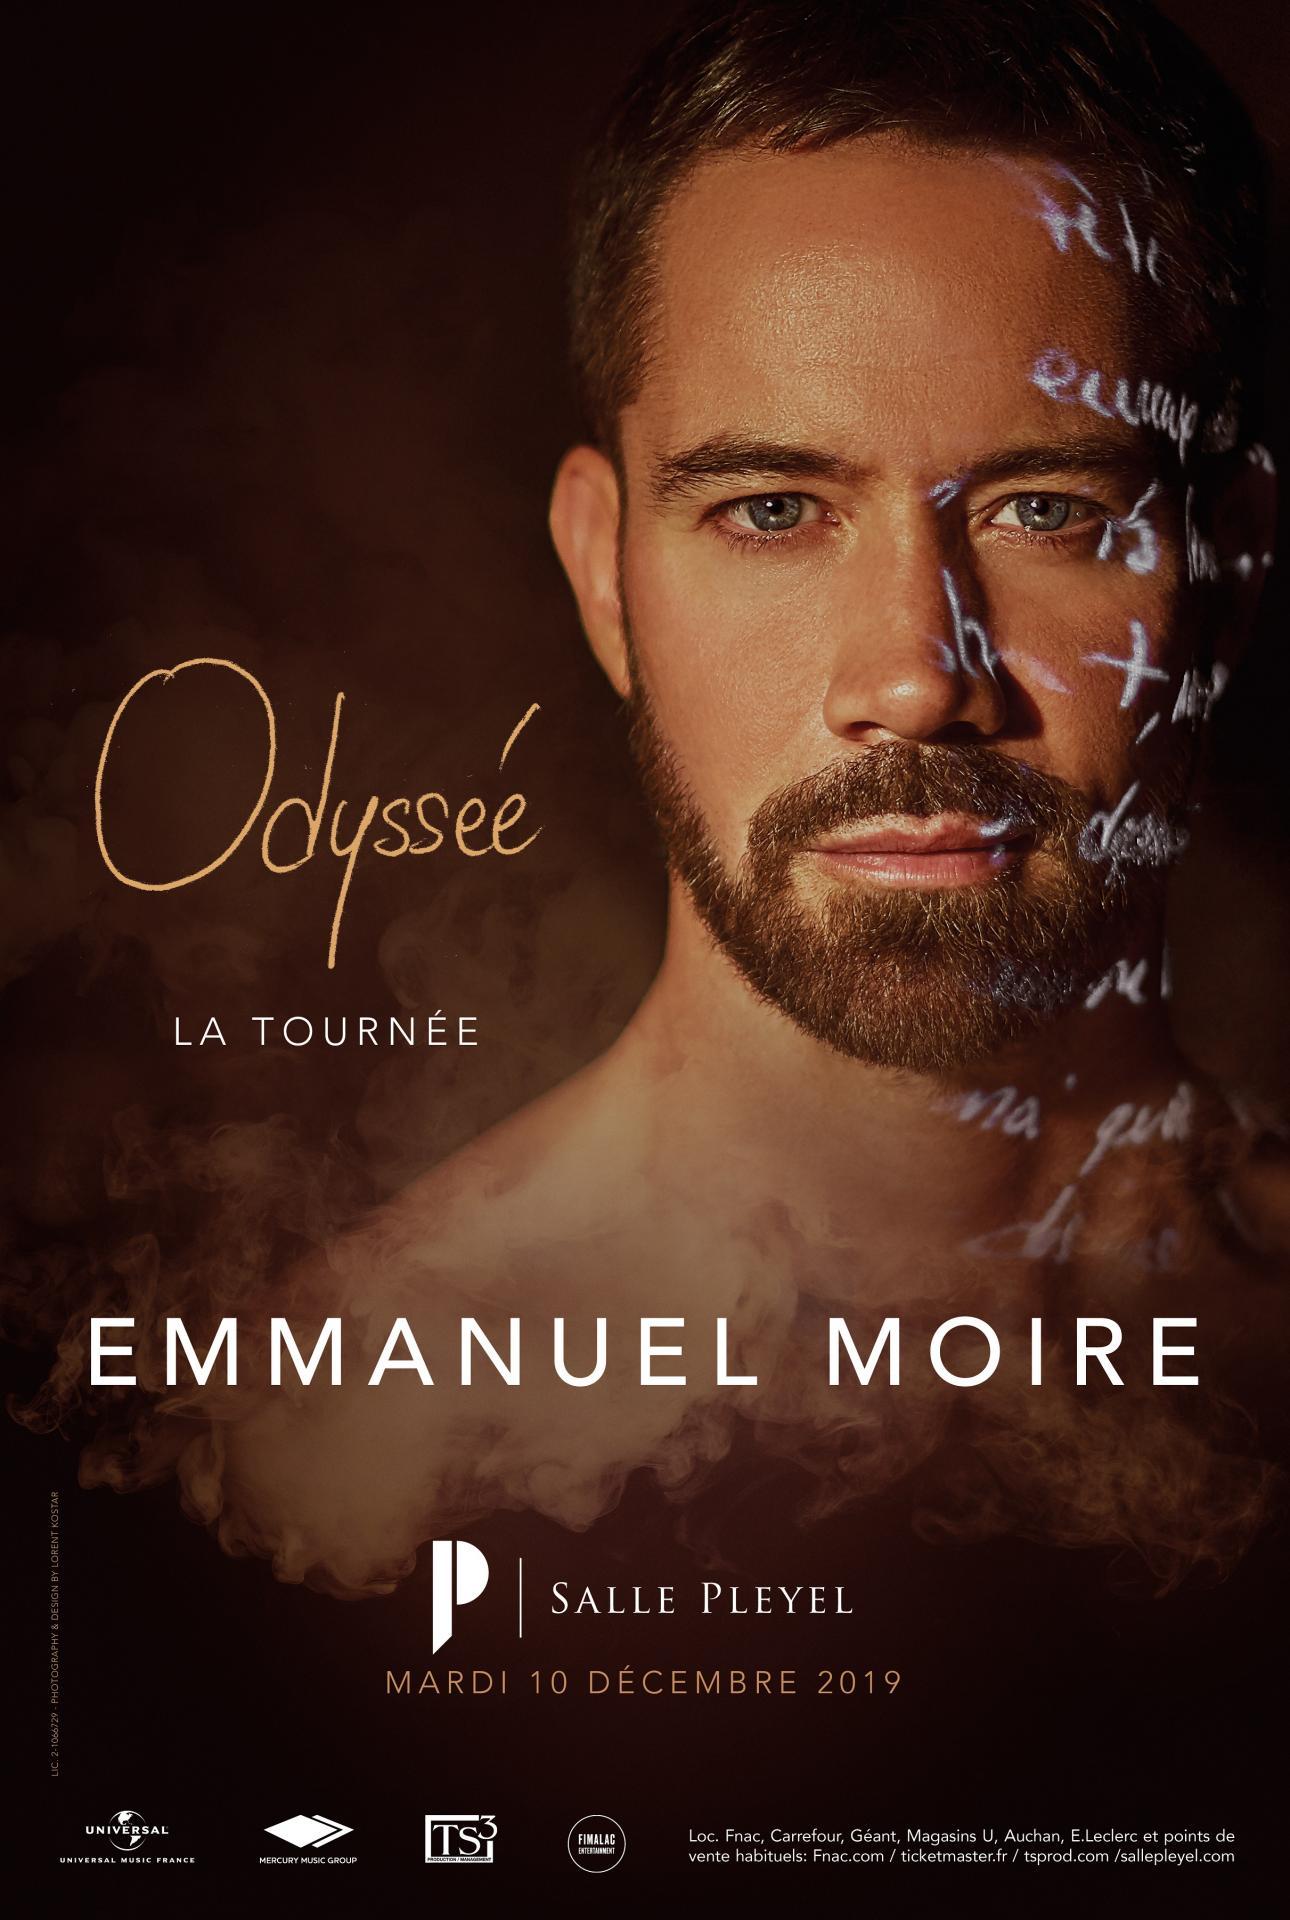 Le nouvel album d'Emmanuel Moire, à écouter sans modération